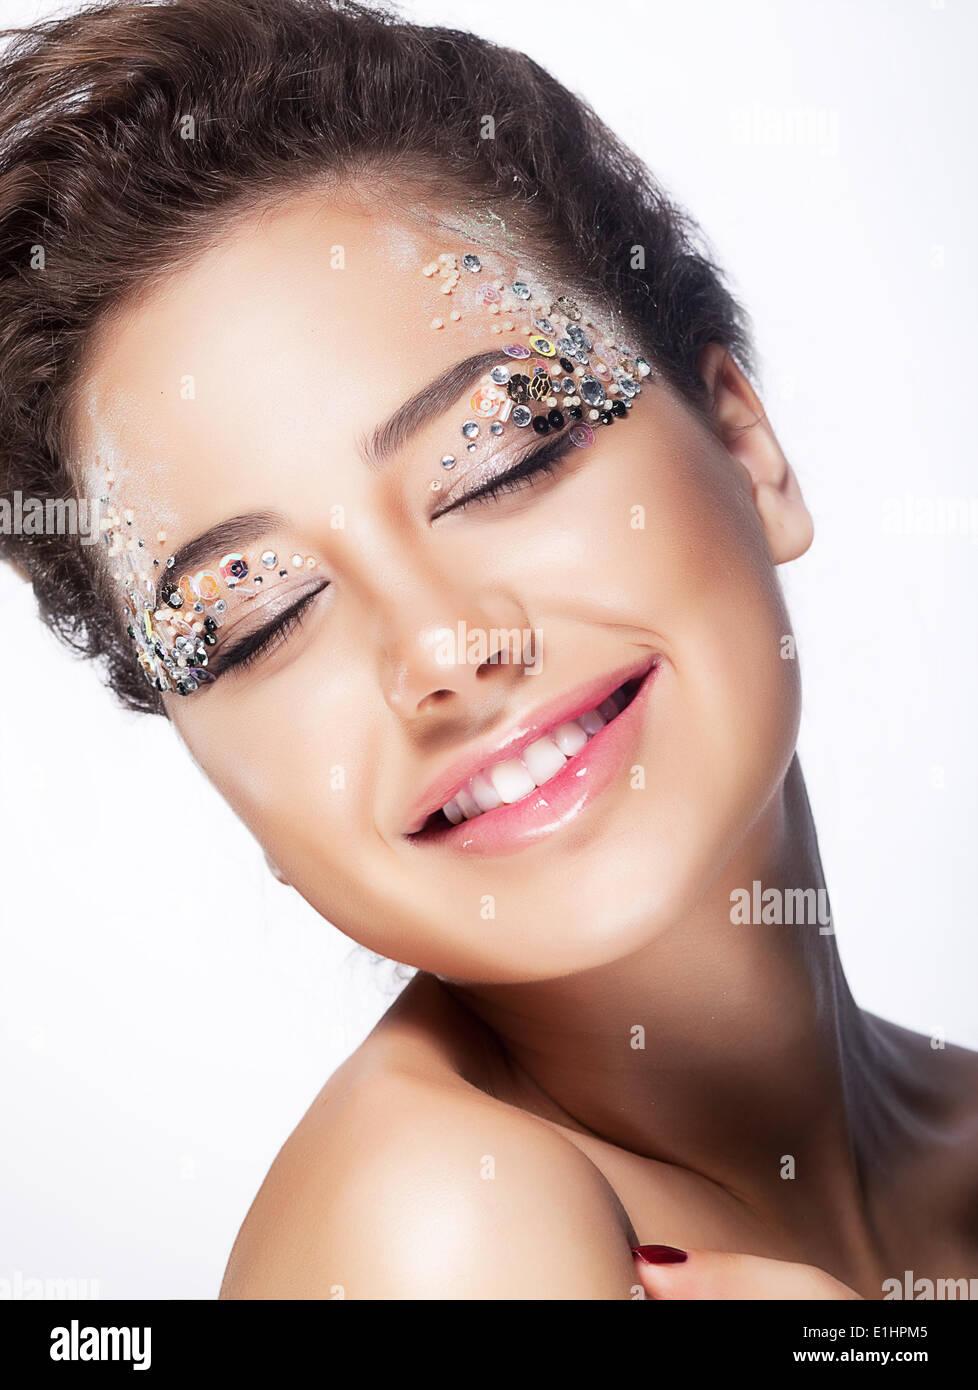 Eufórico joven sonriente con los ojos cerrados - el placer y la felicidad. La sensualidad y el encantador Imagen De Stock